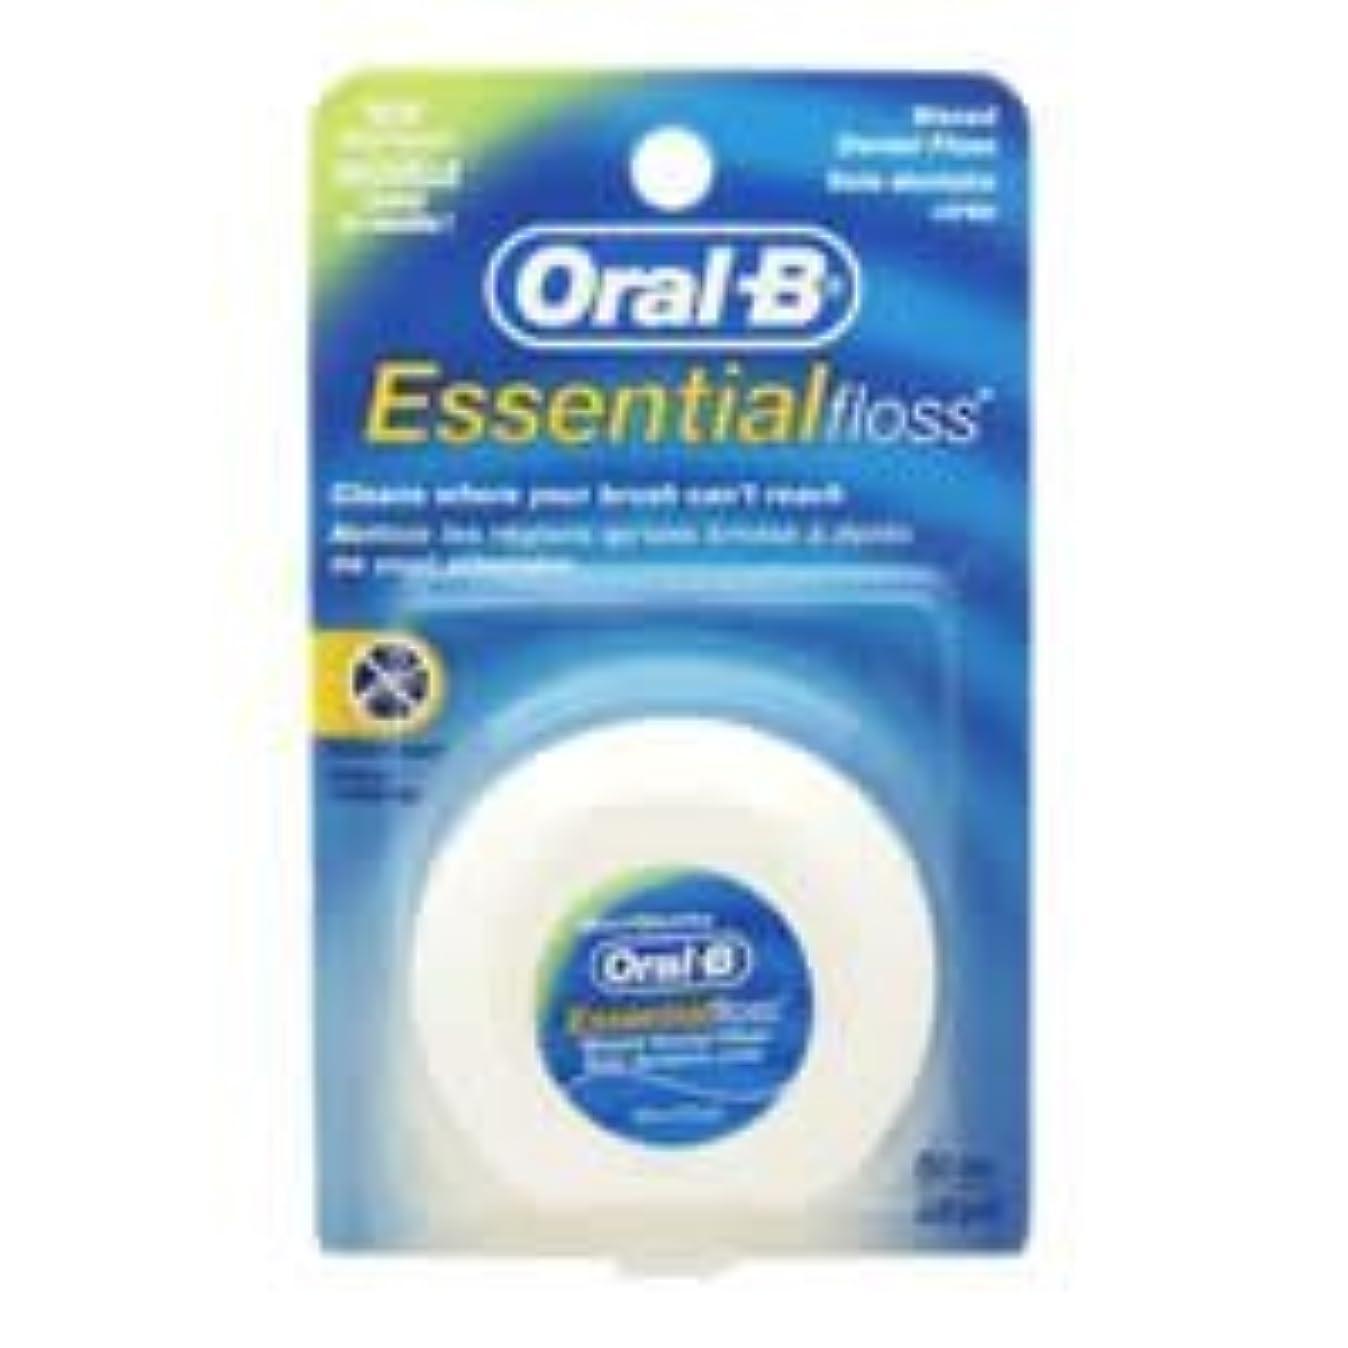 スピン半球同盟Oral-B Essential Waxed Dental Floss Mint by Oral-B